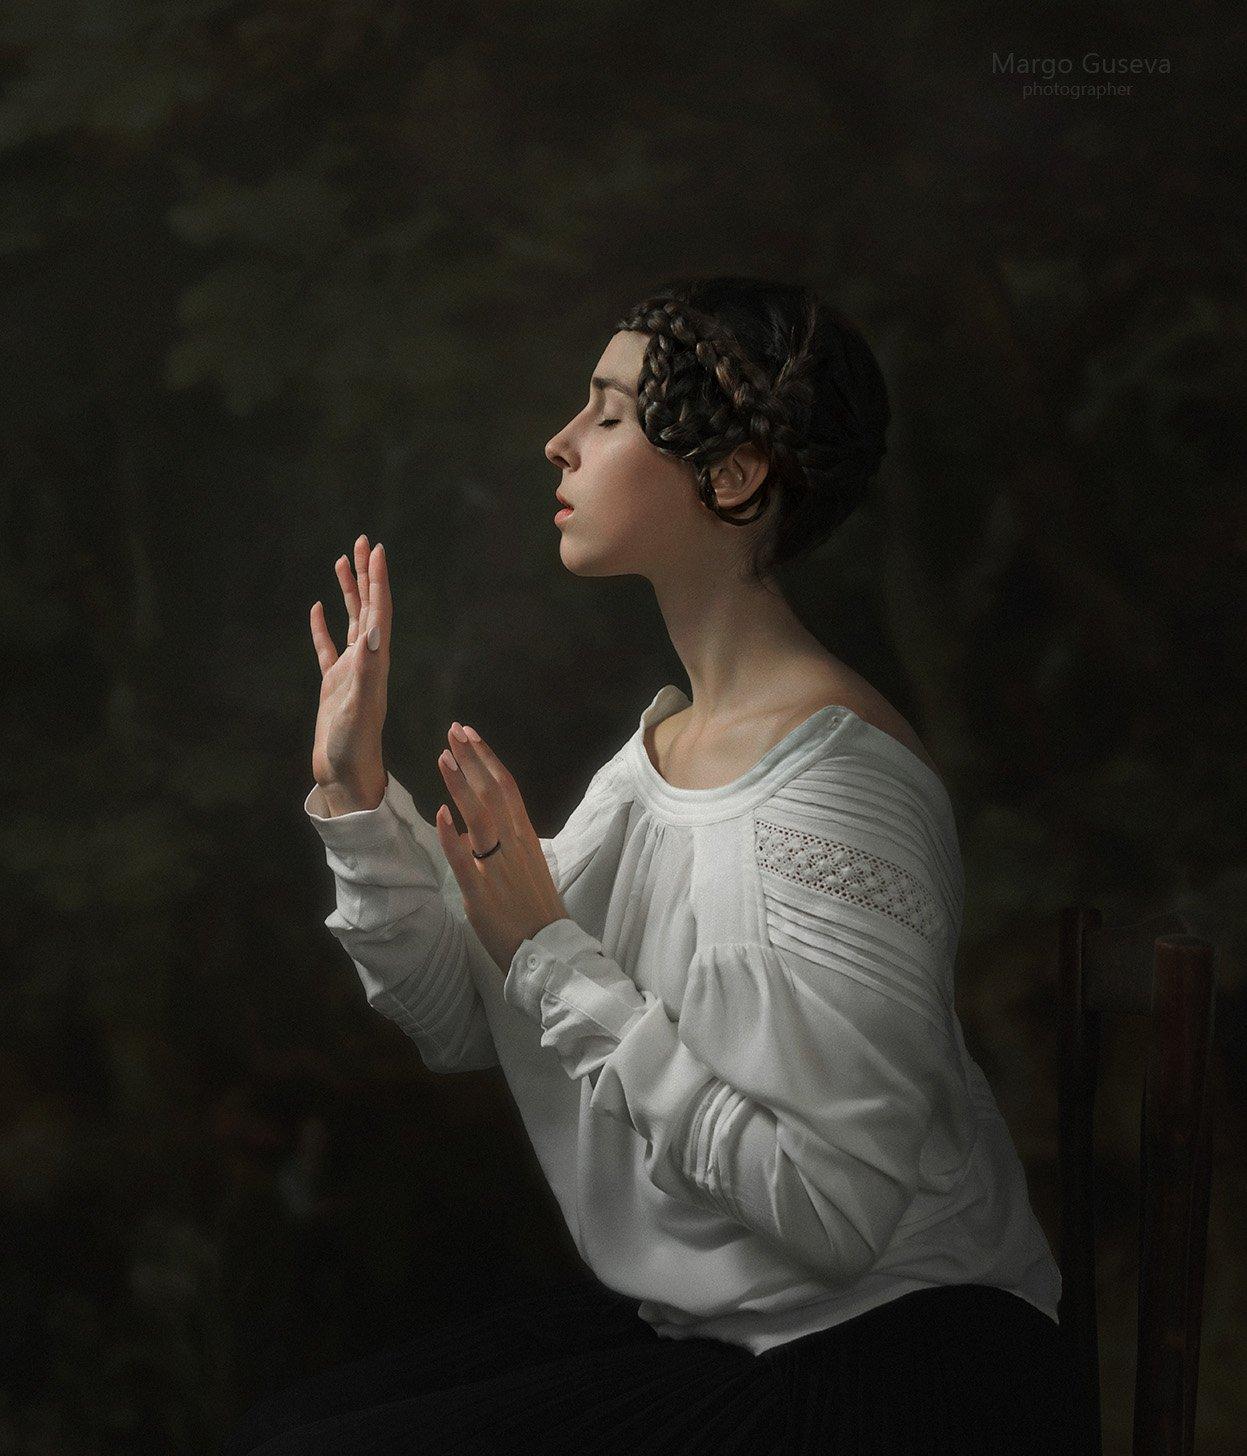 портрет, арт, художественный портрет, Маргарита Гусева, Margarita Guseva, Маргарита Гусева